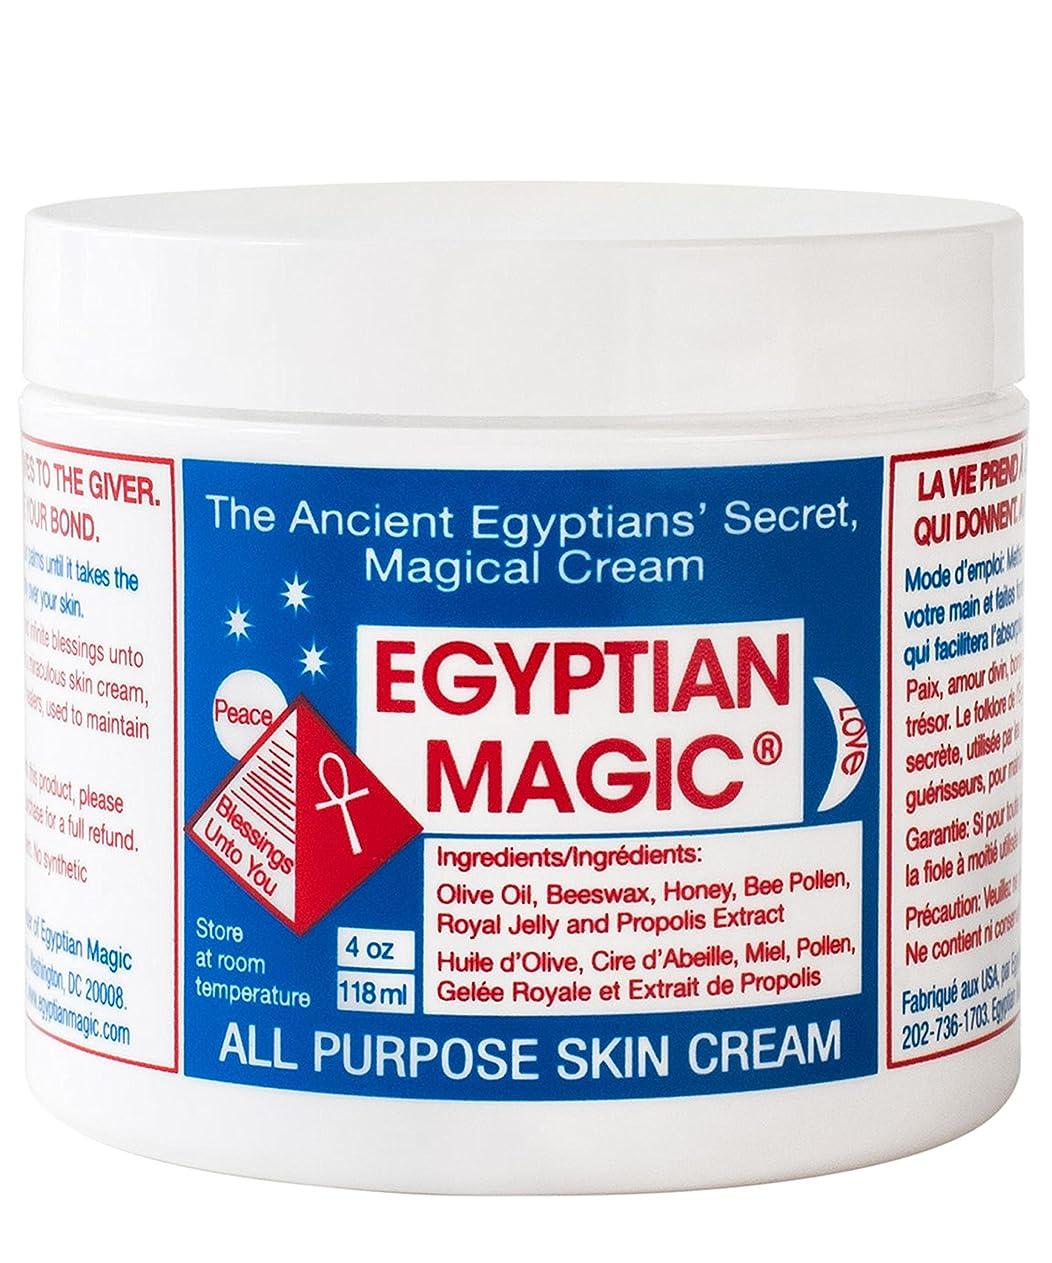 変化する旅行代理店請願者Egyptian Magic All Purpose Skin Cream 118ml (Pack of 6) - エジプトの魔法の万能スキンクリーム118ミリリットル x6 [並行輸入品]